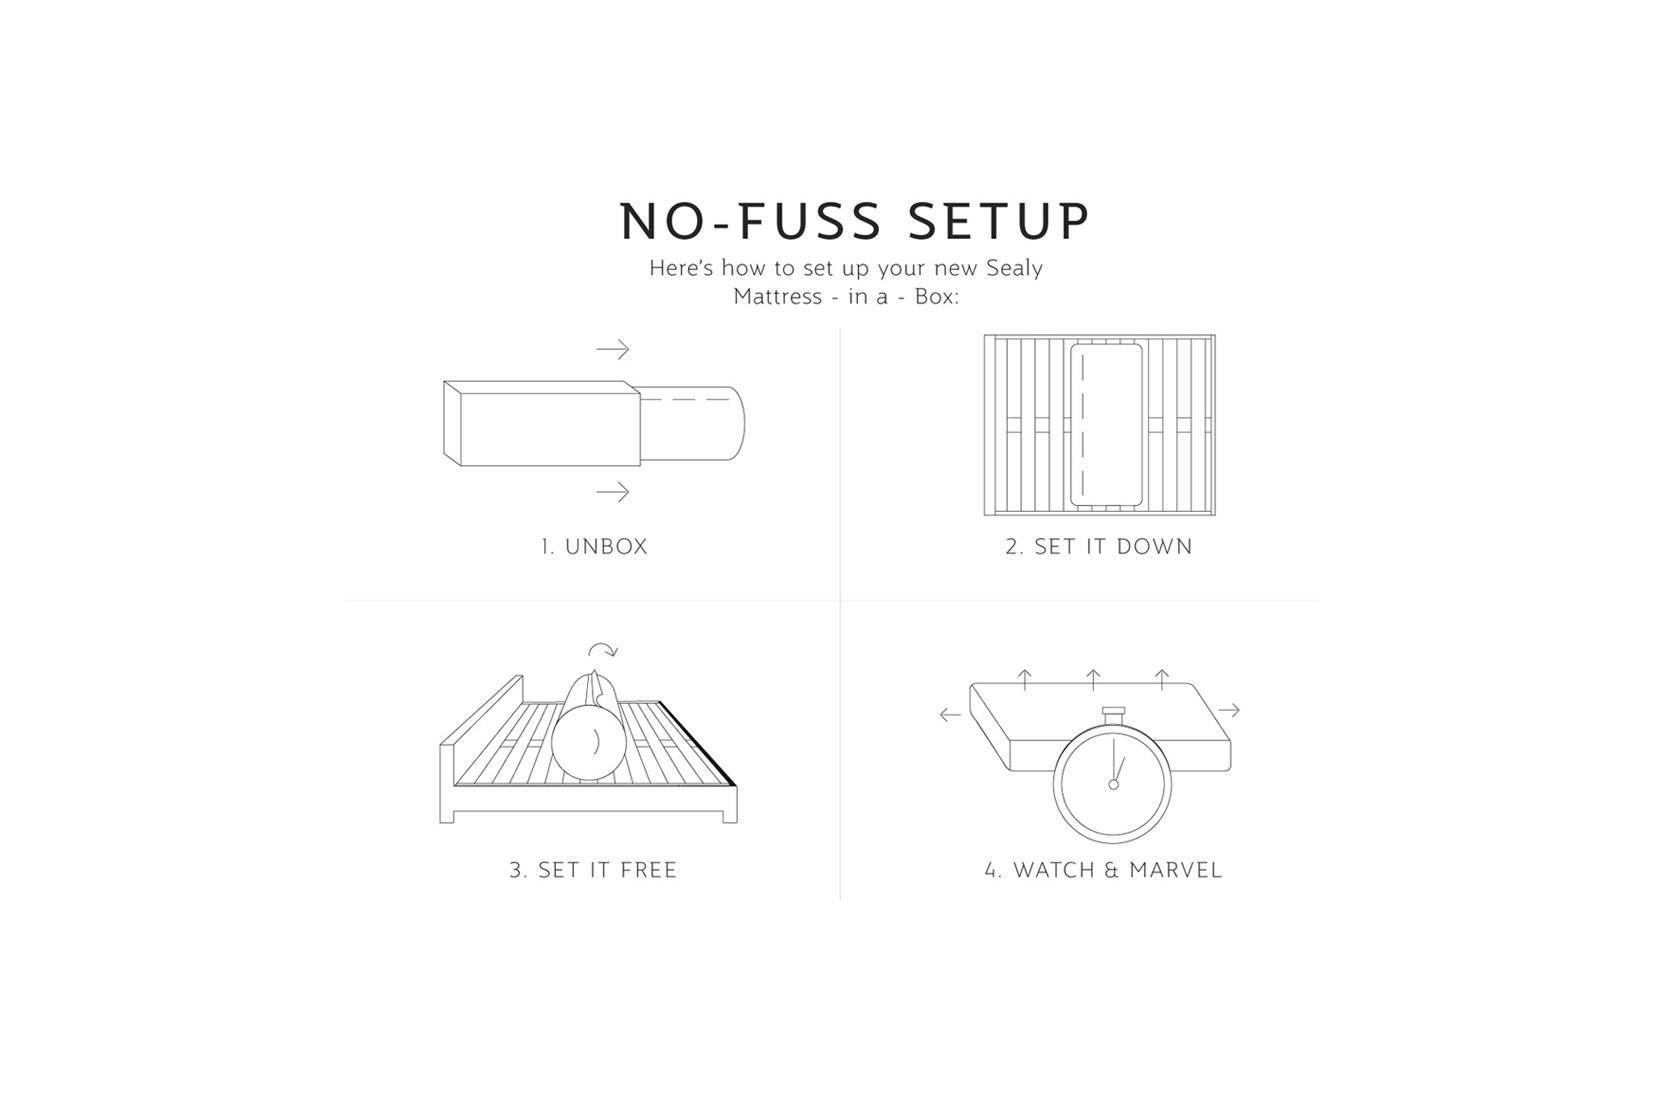 Setup Steps